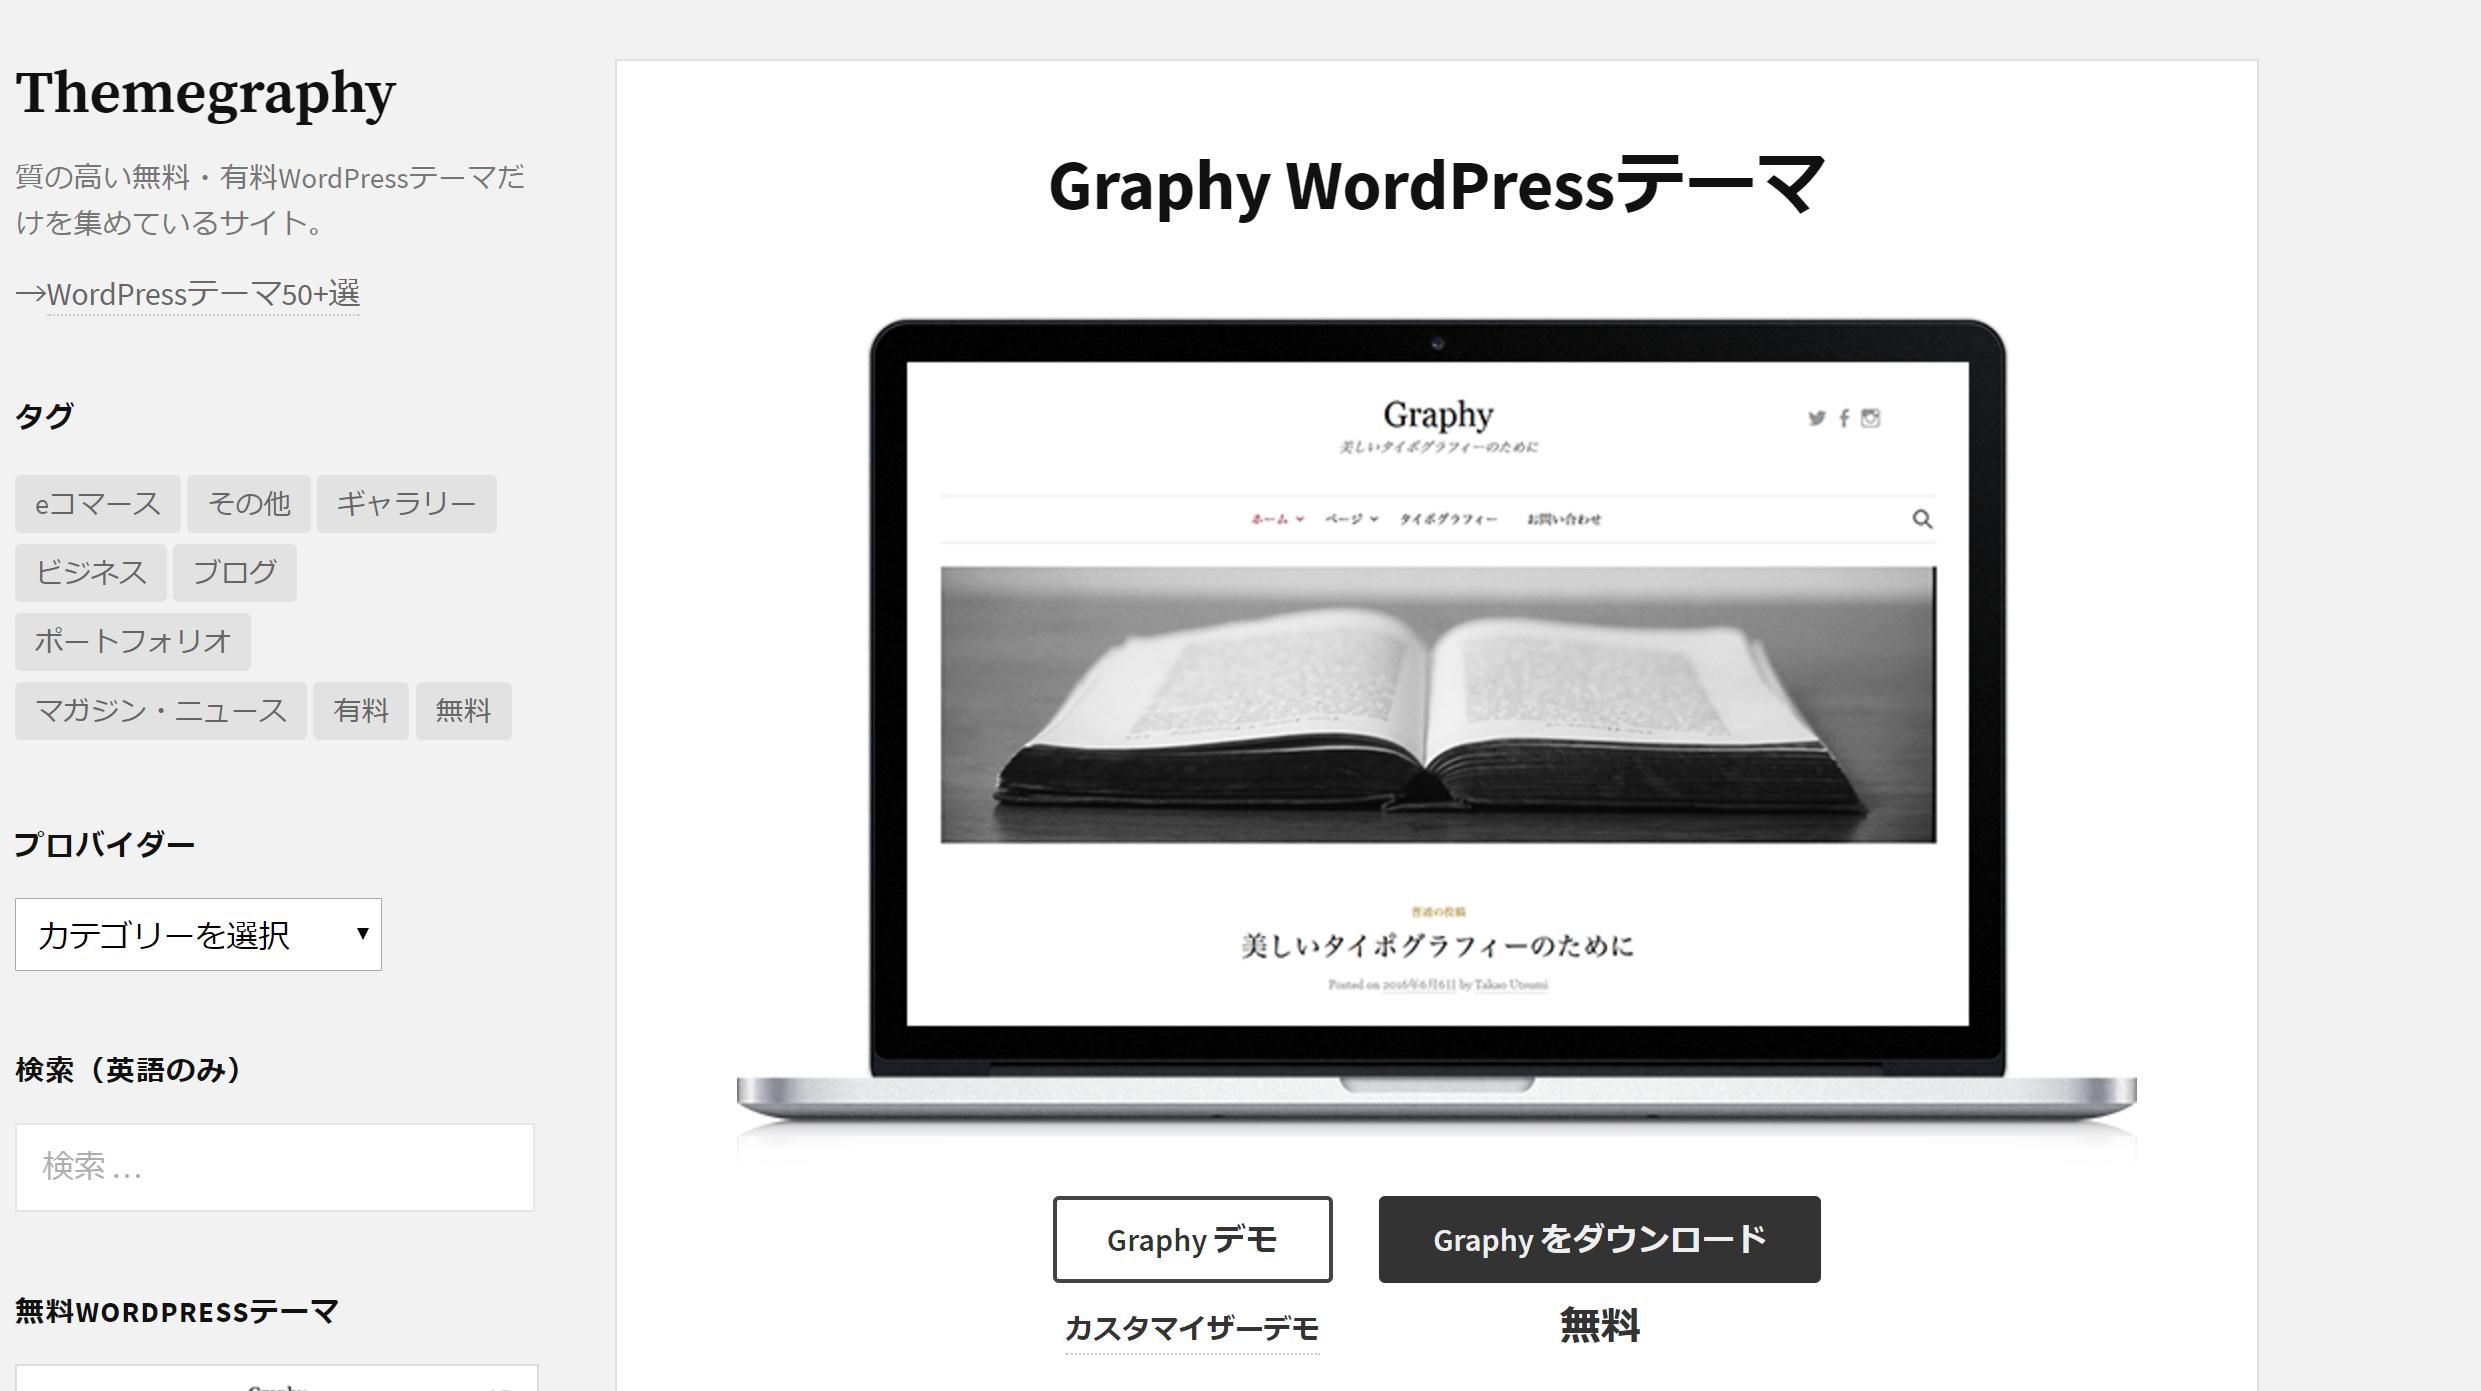 graphy - WordPressでレスポンシブデザインにする方法!CSS編集やおすすめのテーマまとめ